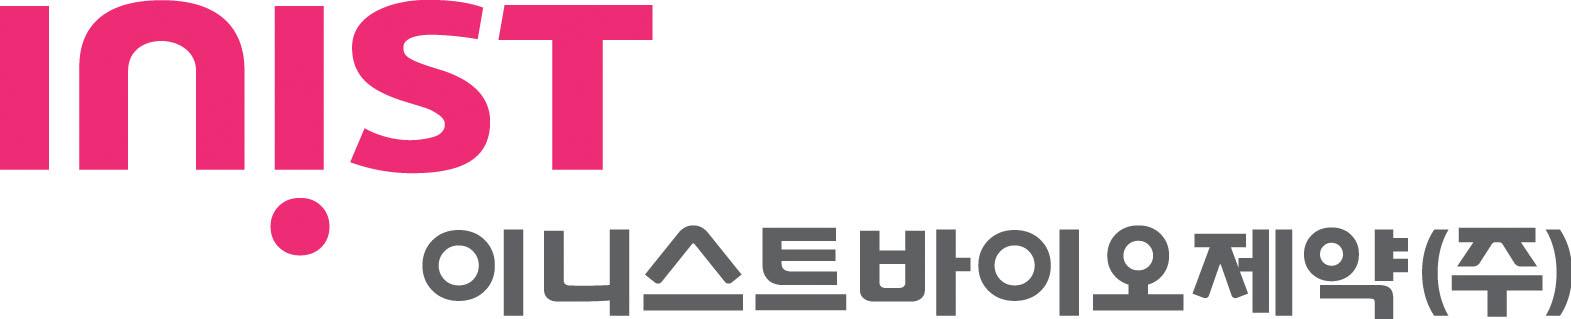 이니스트팜의 계열사 이니스트바이오제약(주)의 로고